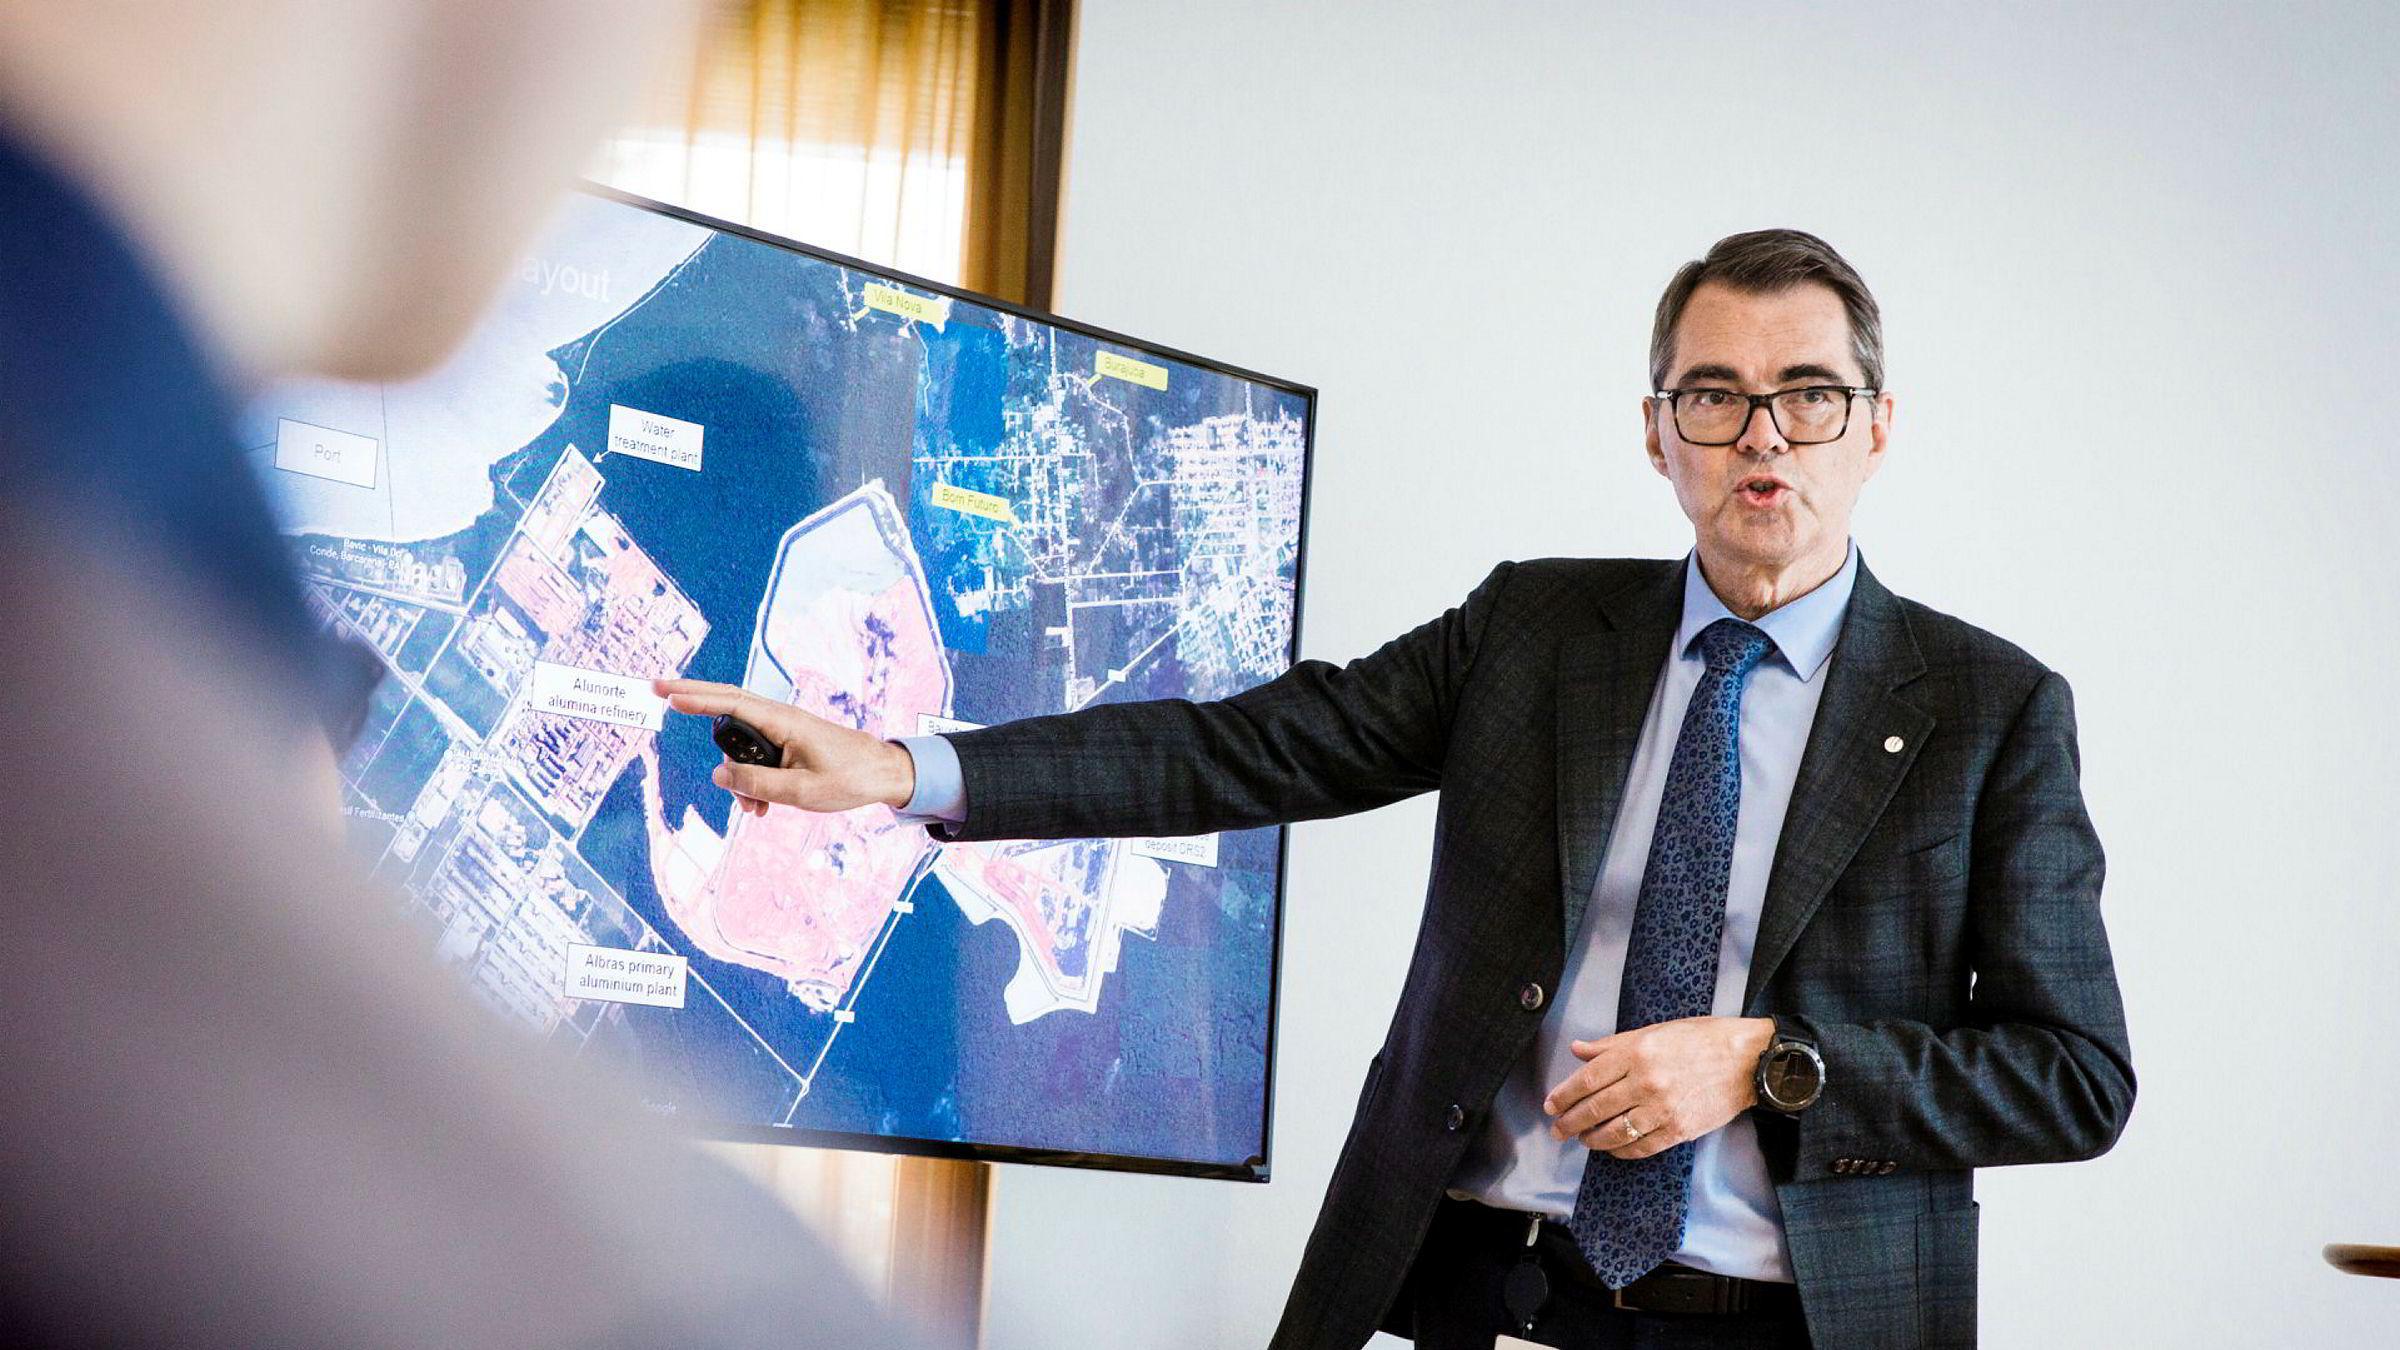 Hydro-sjef Svein Richard Brandtzæg redegjør for Alunorte-krisen forrige torsdag.